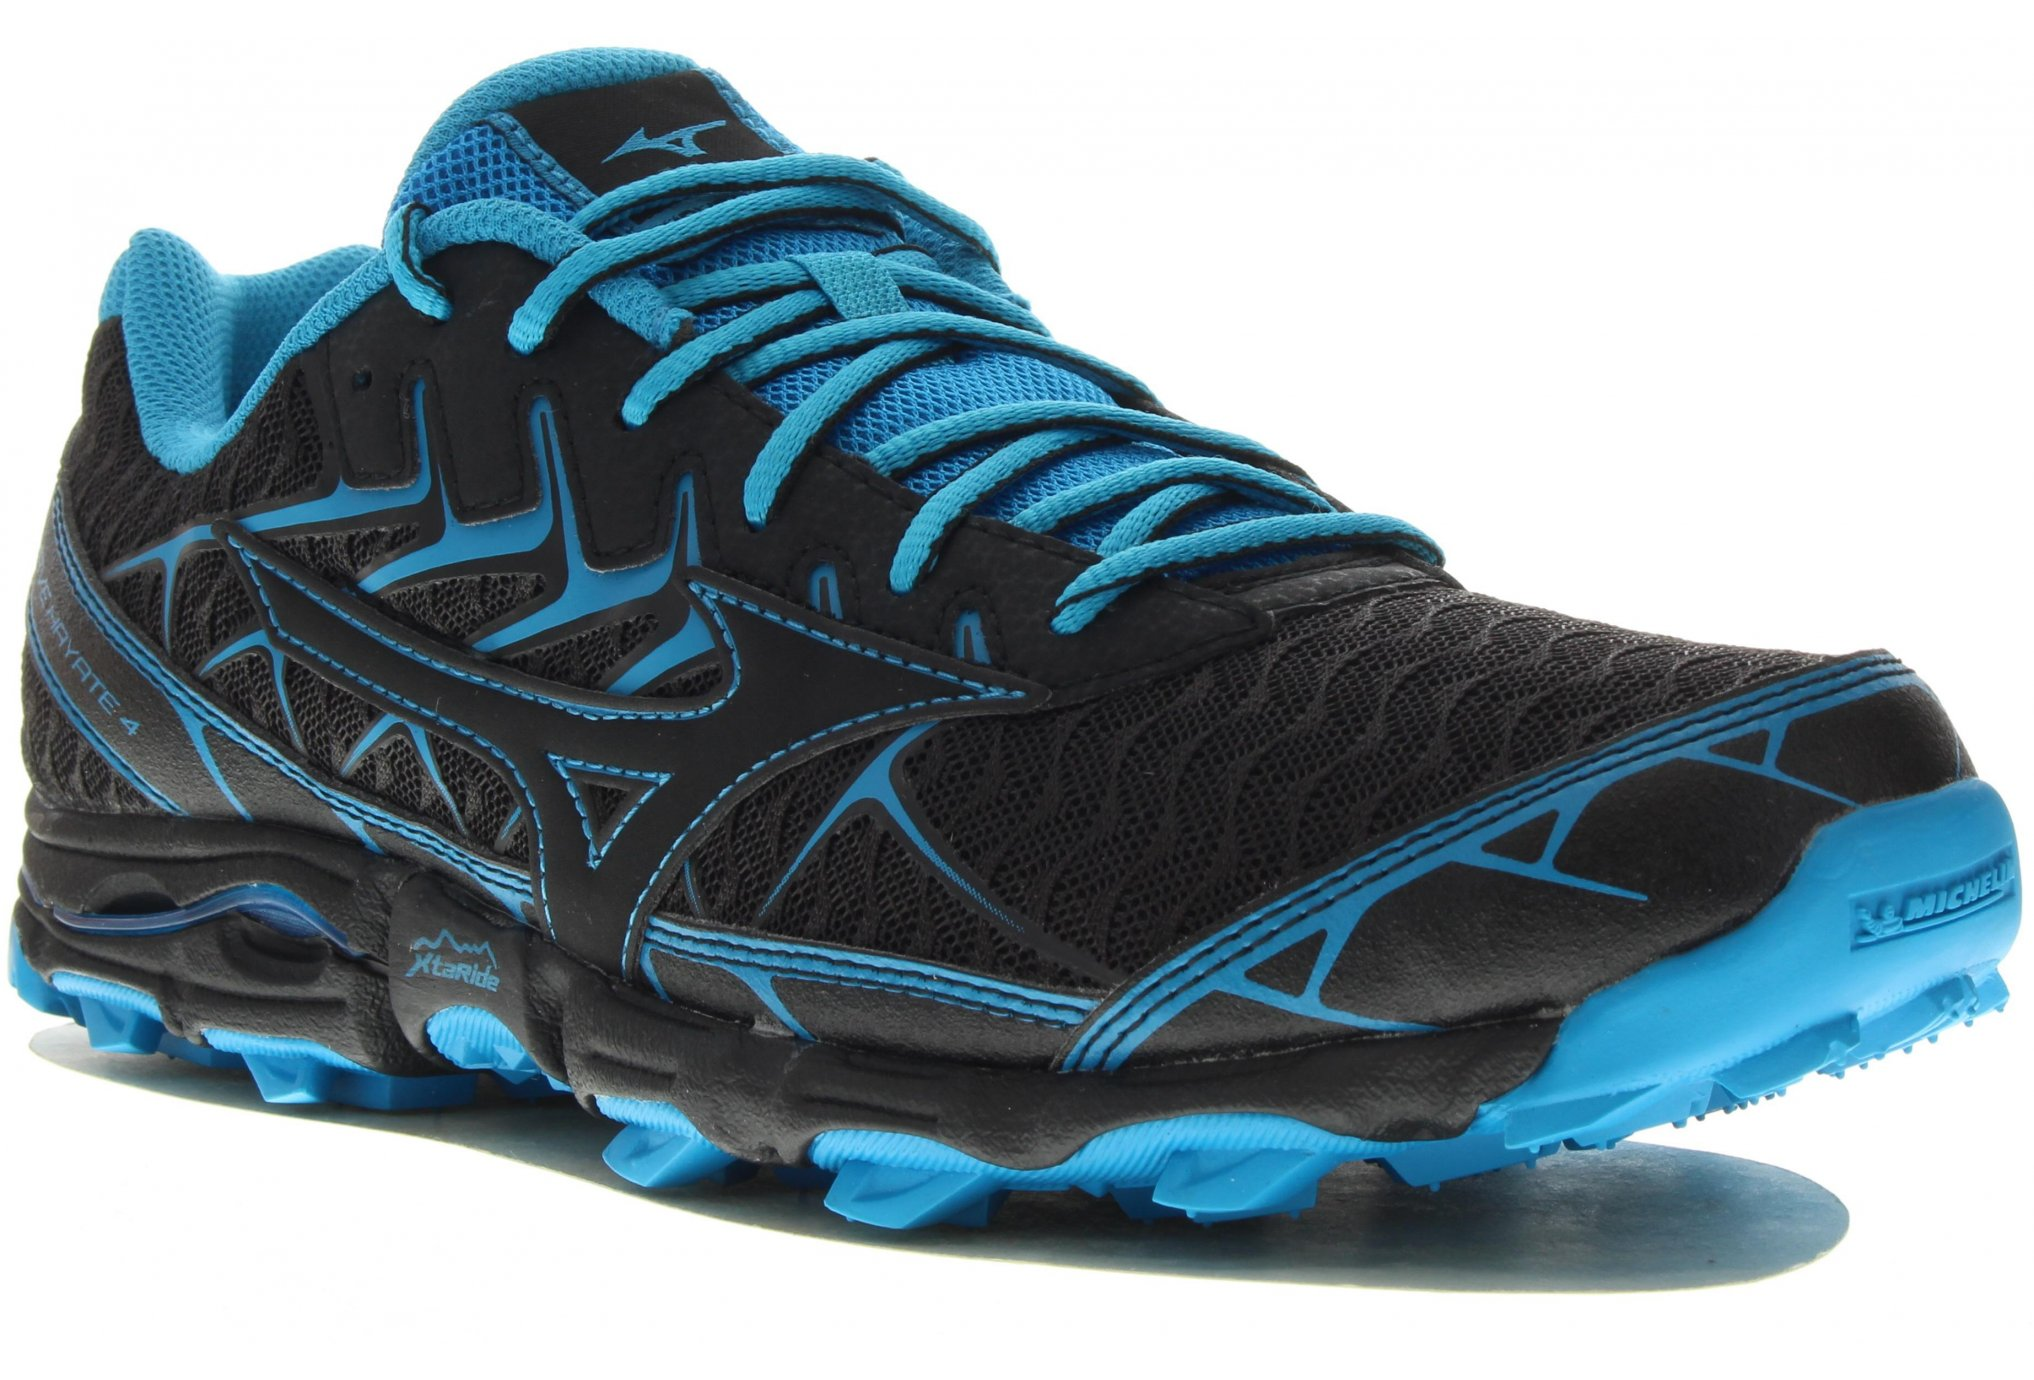 e496c972588 Tableau comparatif de chaussures de trail